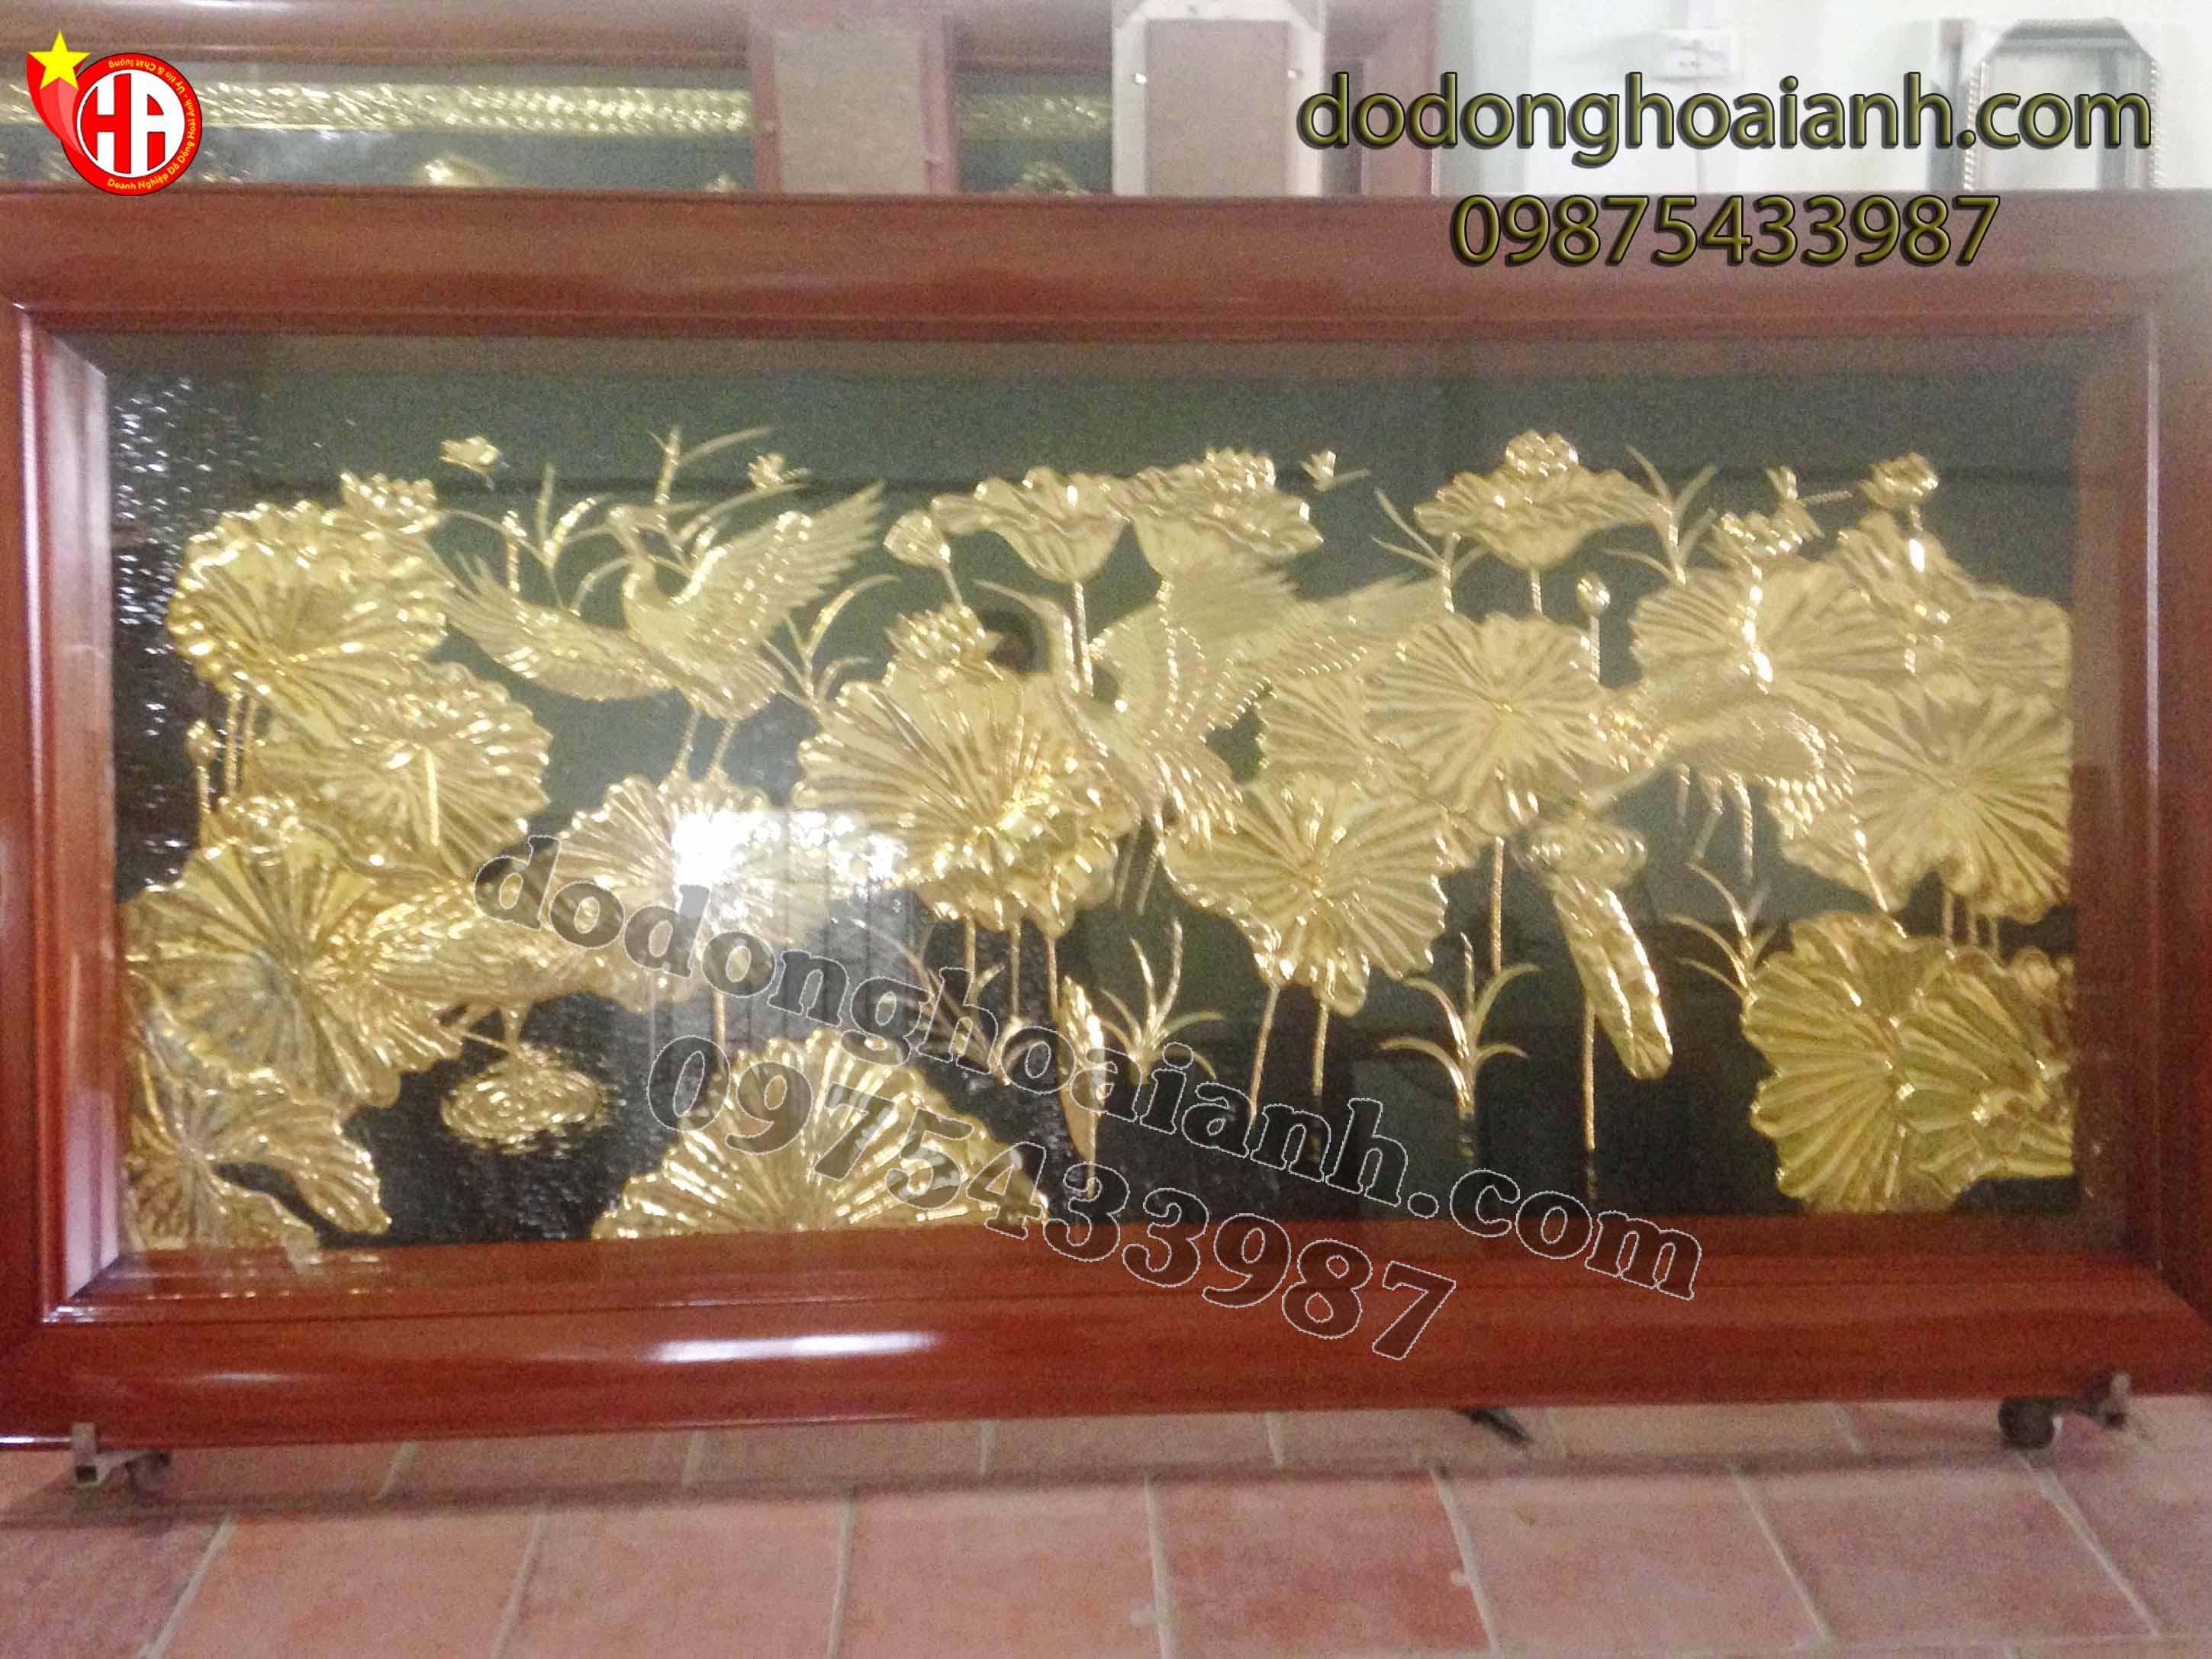 Tranh đồng sen hạc mạ vàng - đồ đồng Hoài Ánh